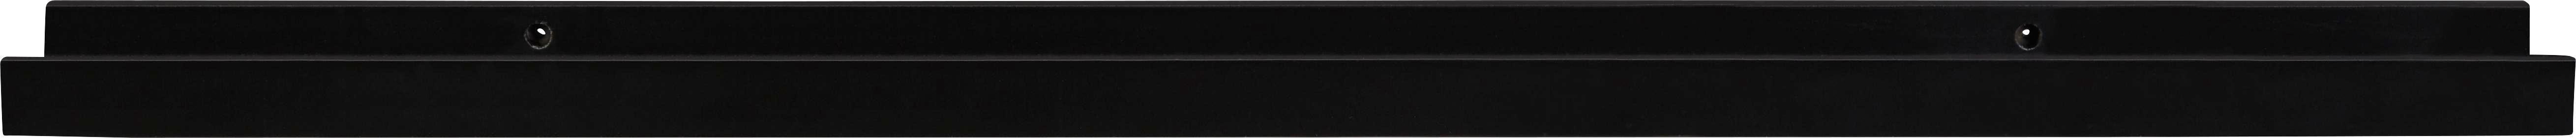 Wandboard in Schwarz - Schwarz (80/3/9cm) - MÖMAX modern living